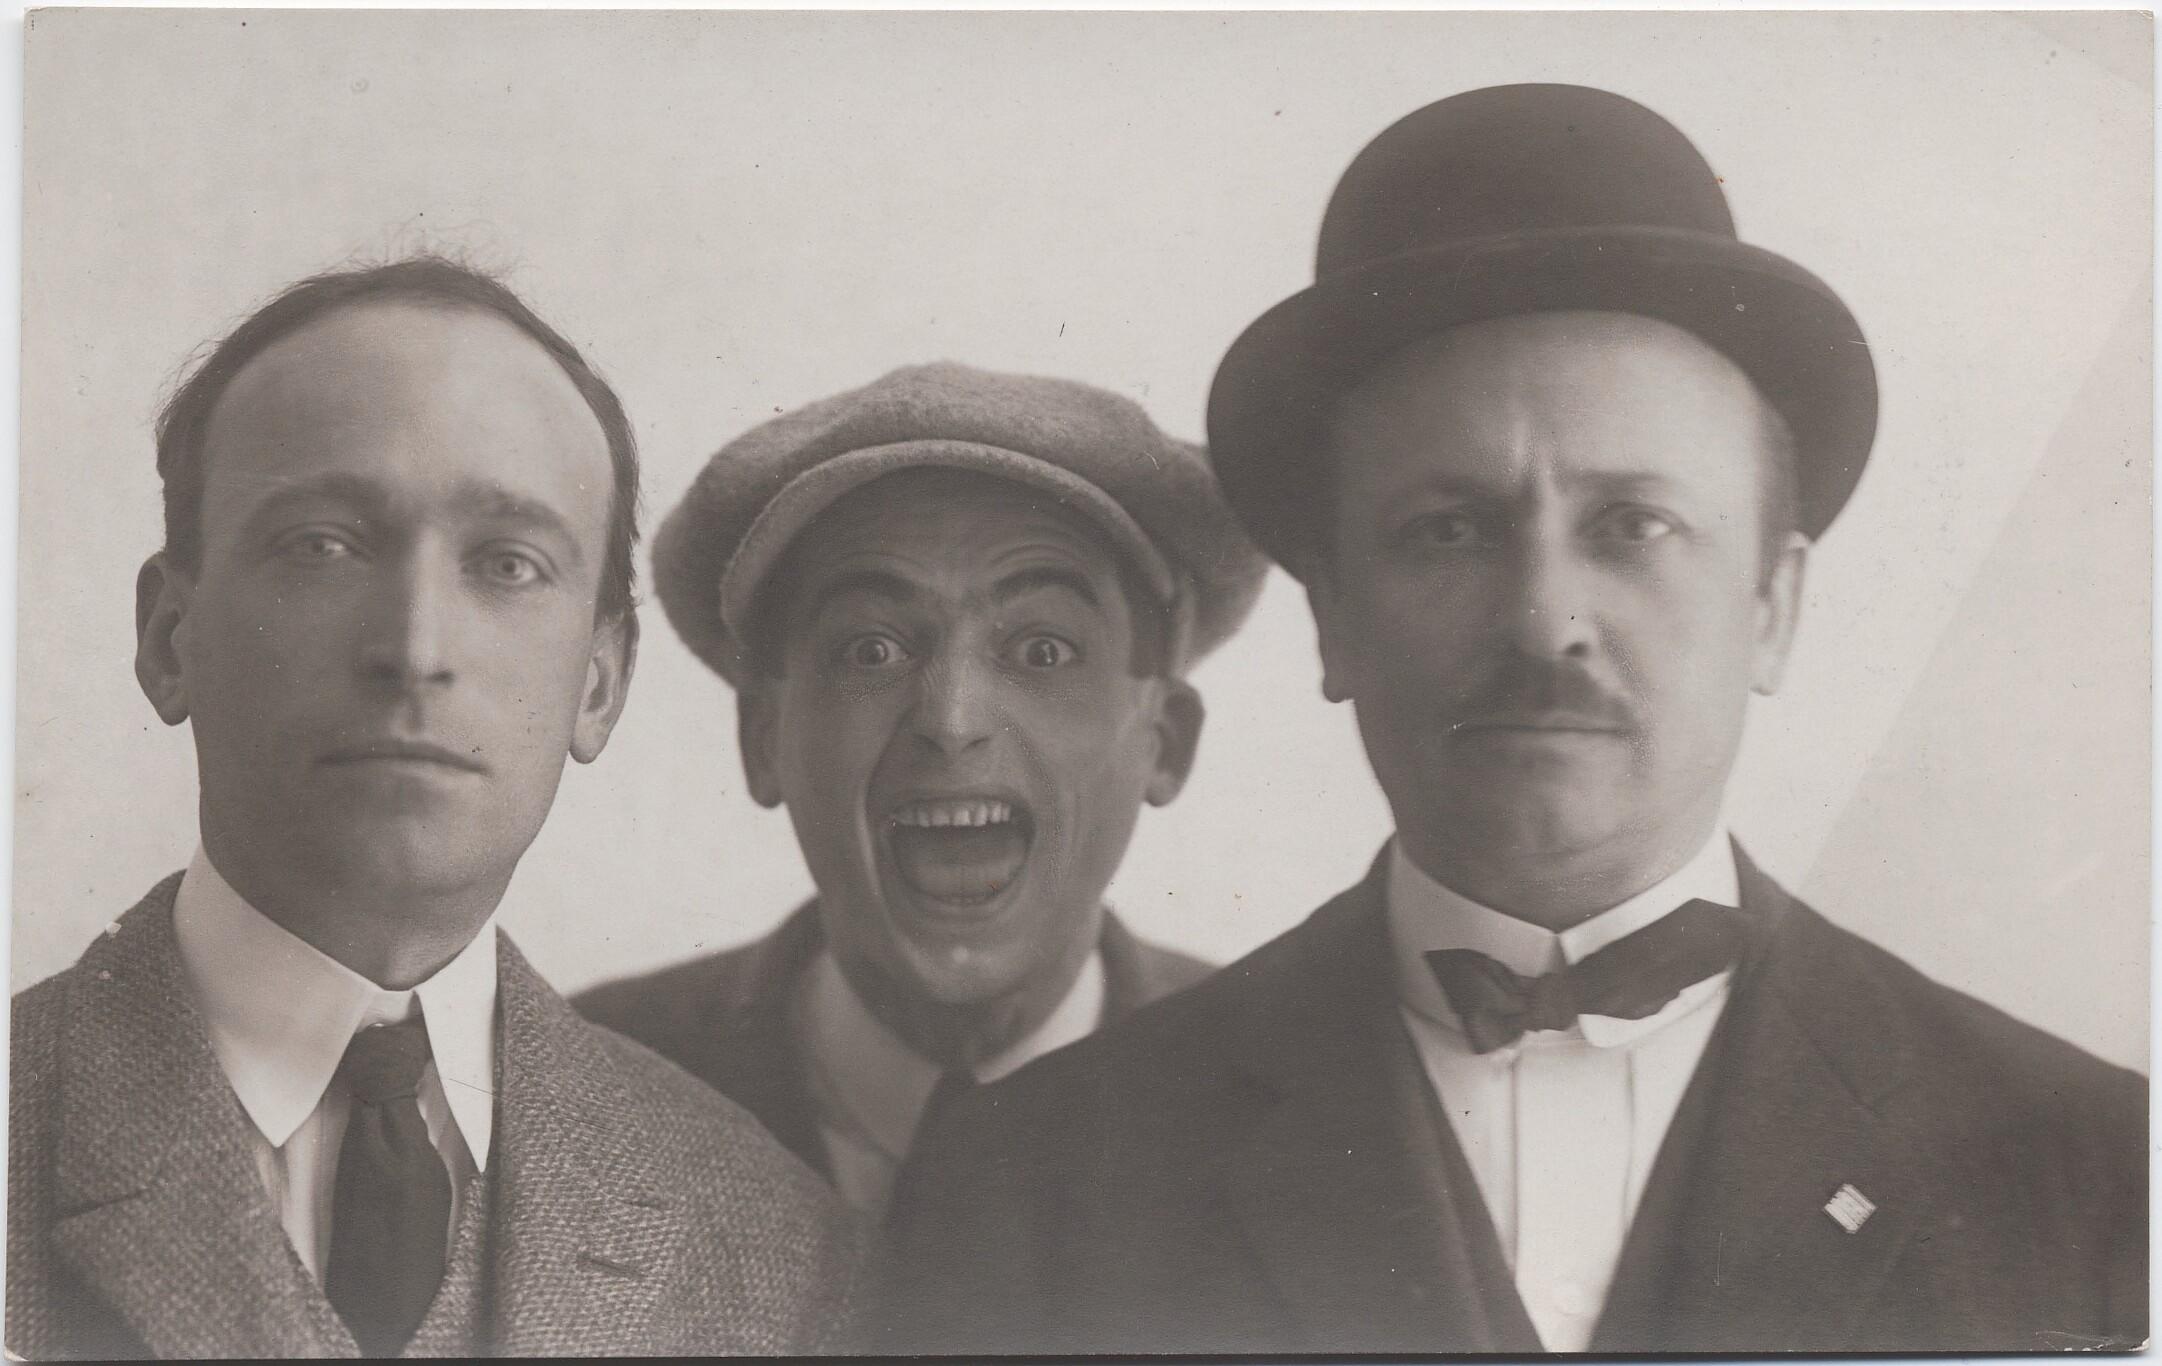 Болонья. Филиппо Томмазо Маринетти с Тато (в центре) и Анджело Кавиглиони